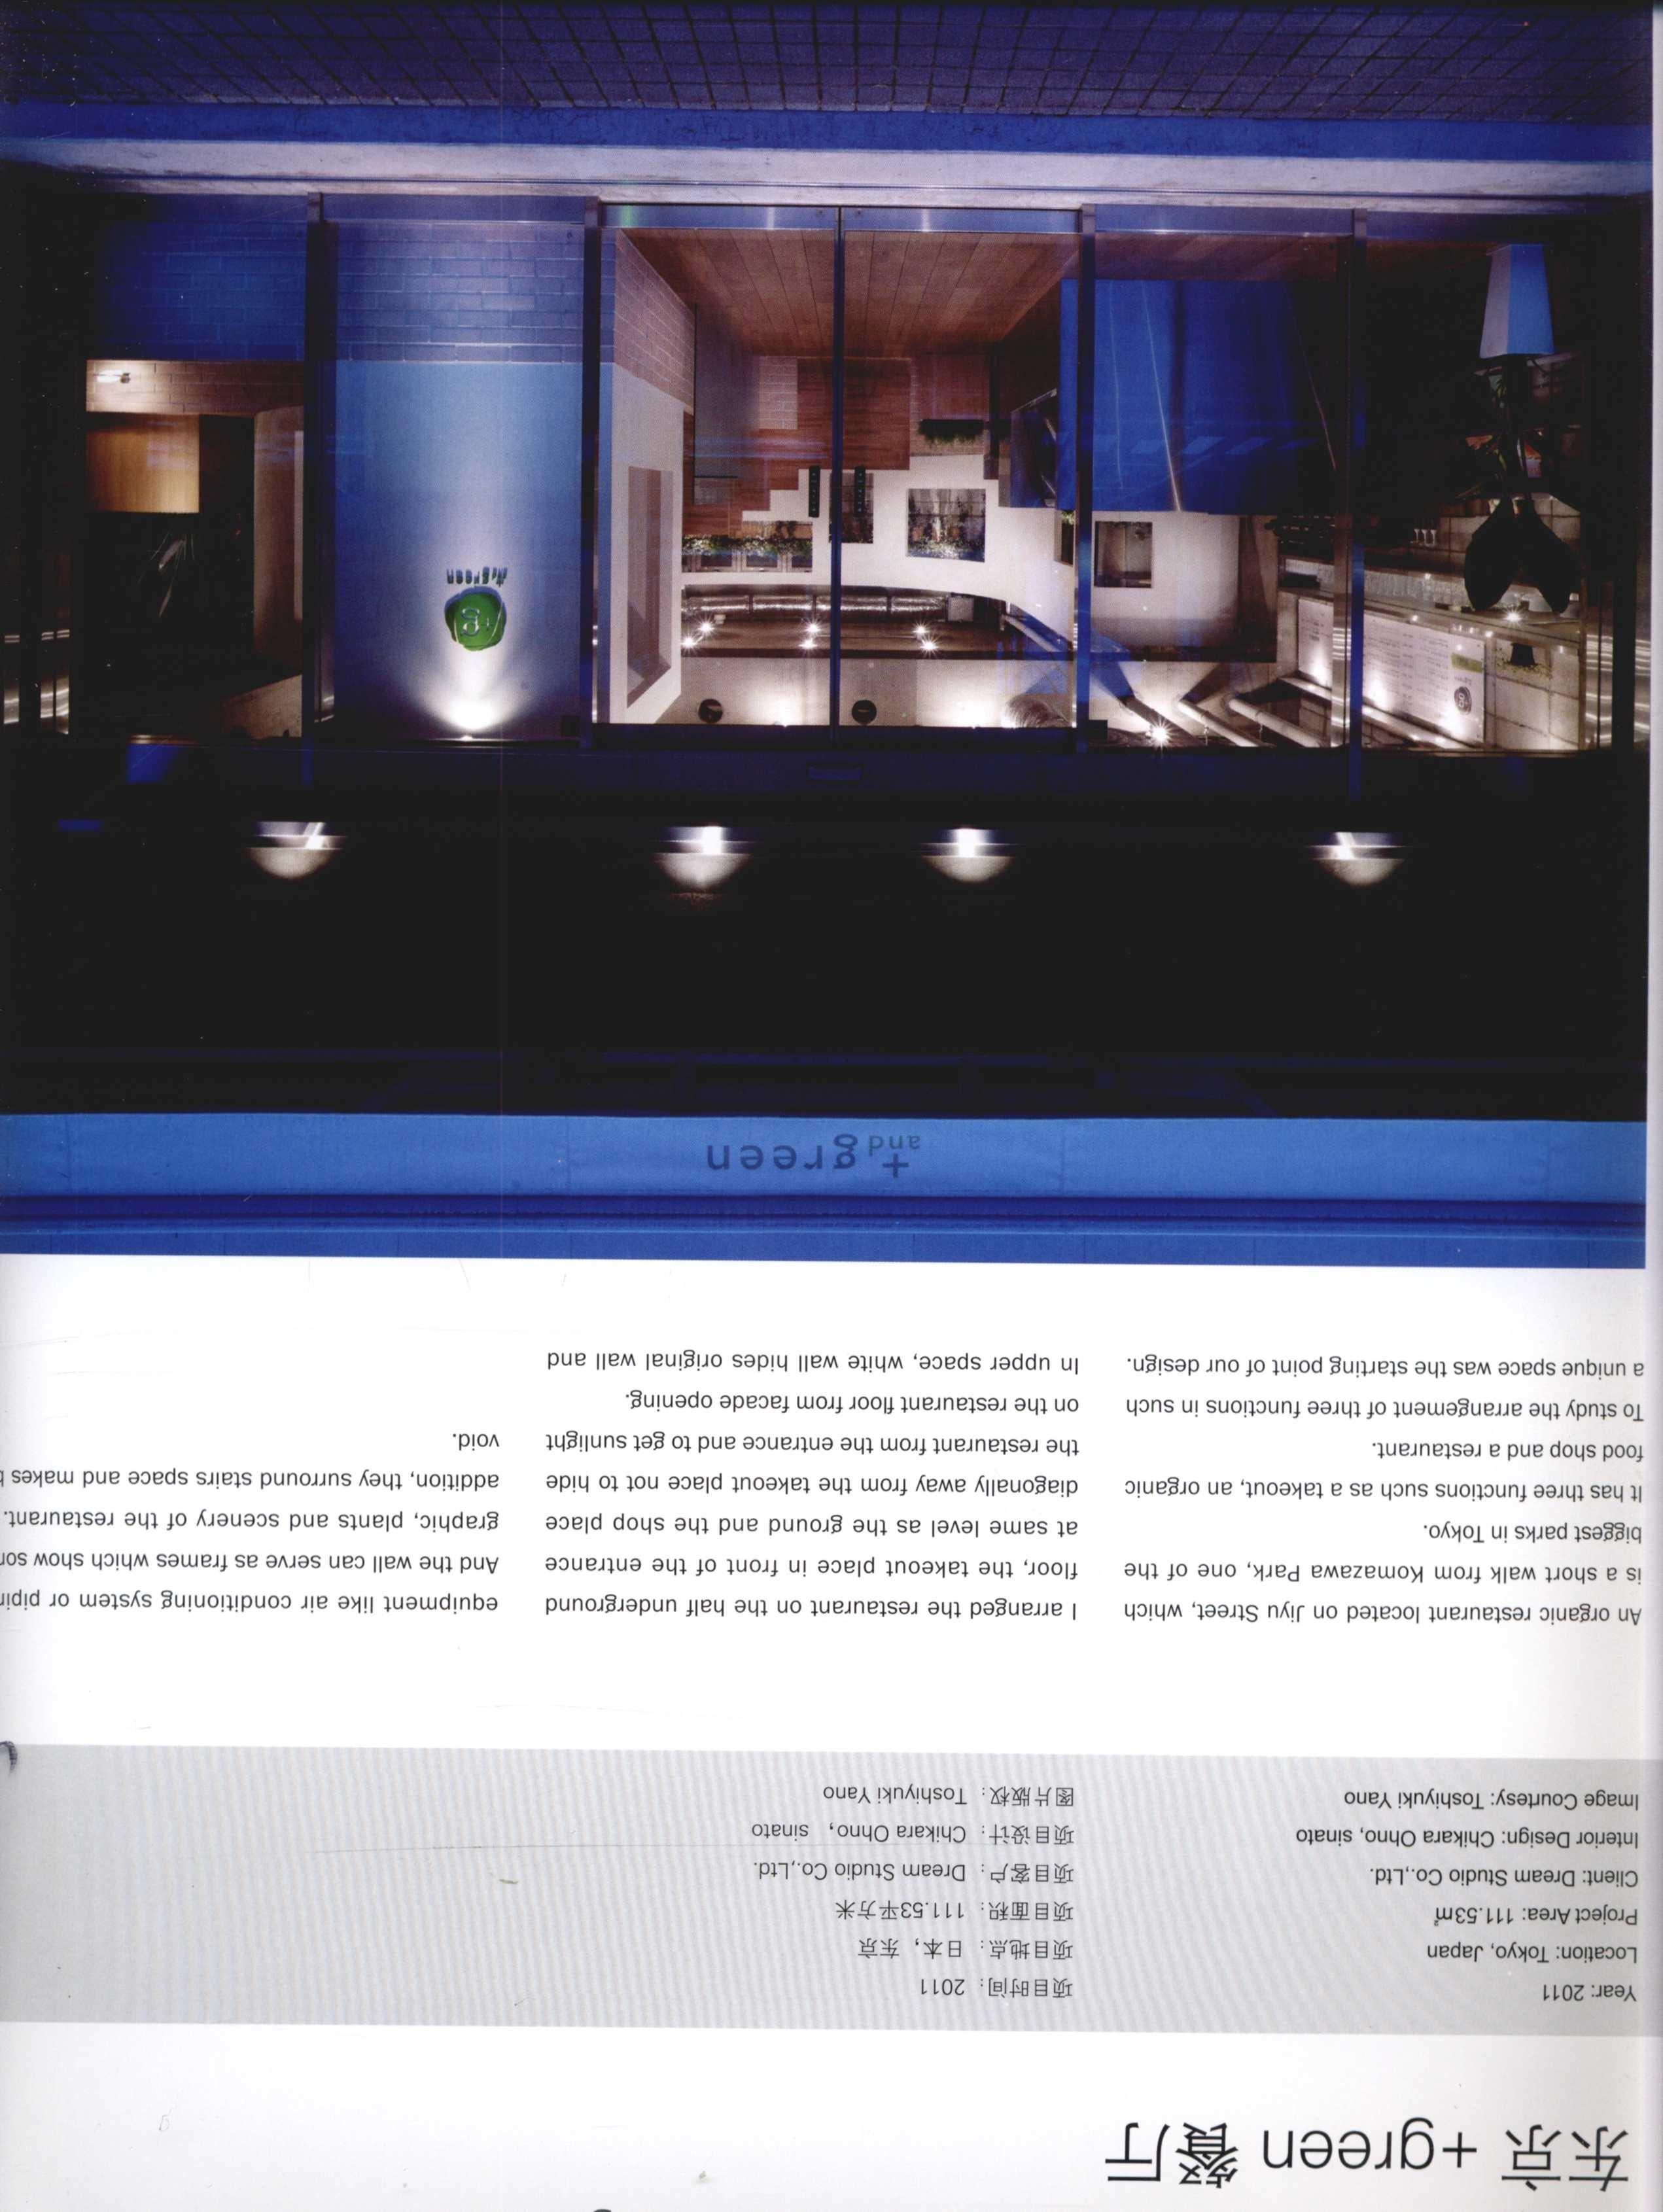 2012全球室内设计年鉴  餐饮_Page_161.jpg